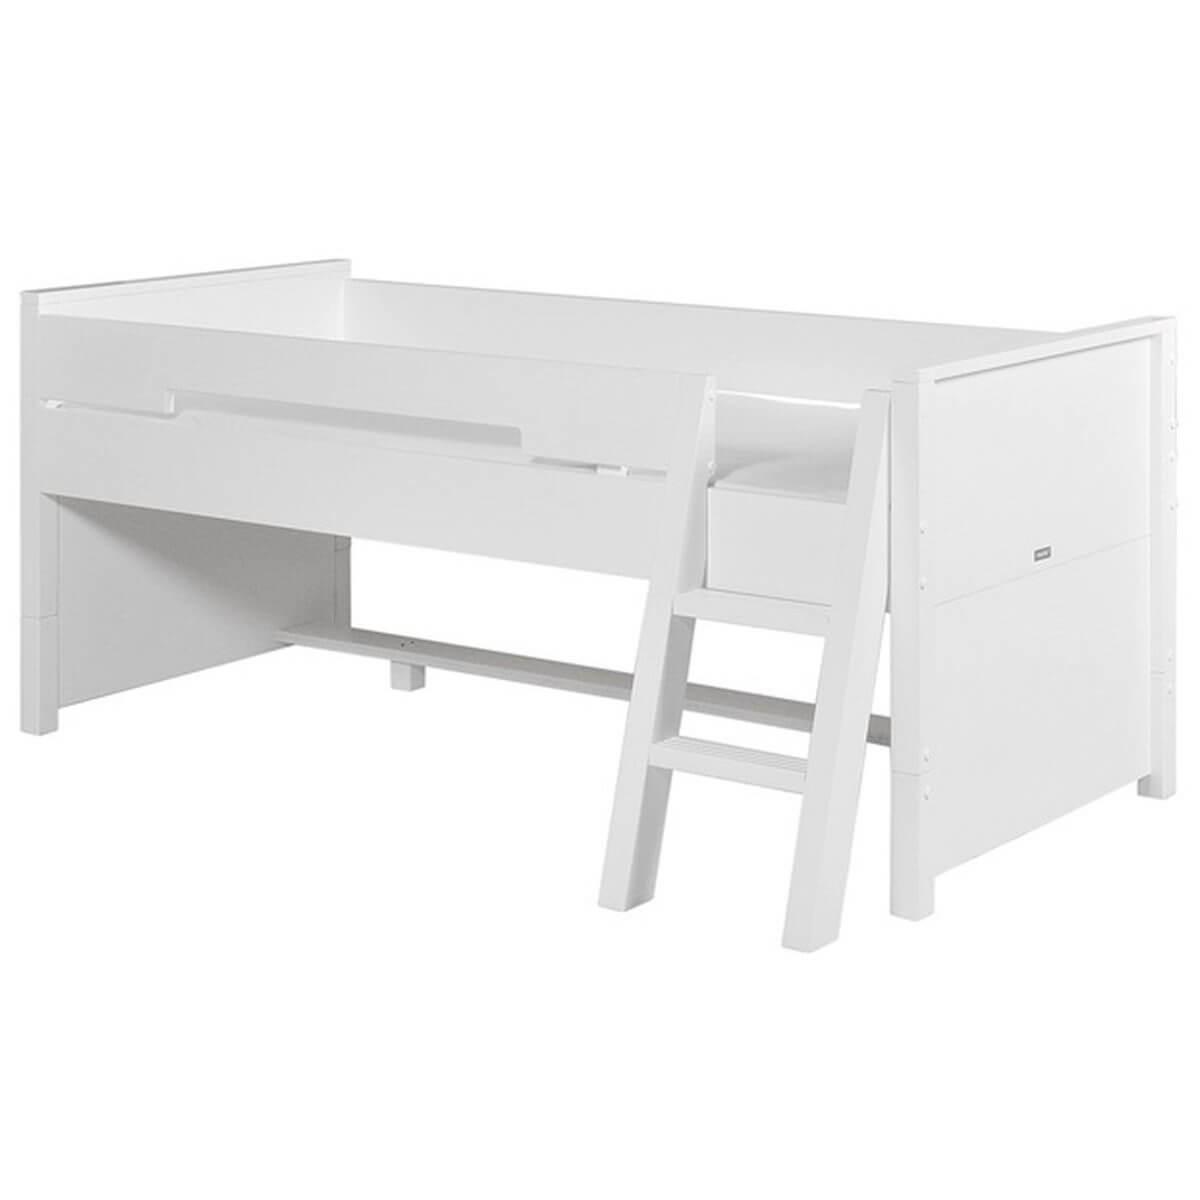 COMBIFLEX by Bopita Set de support pour lit compact Blanc